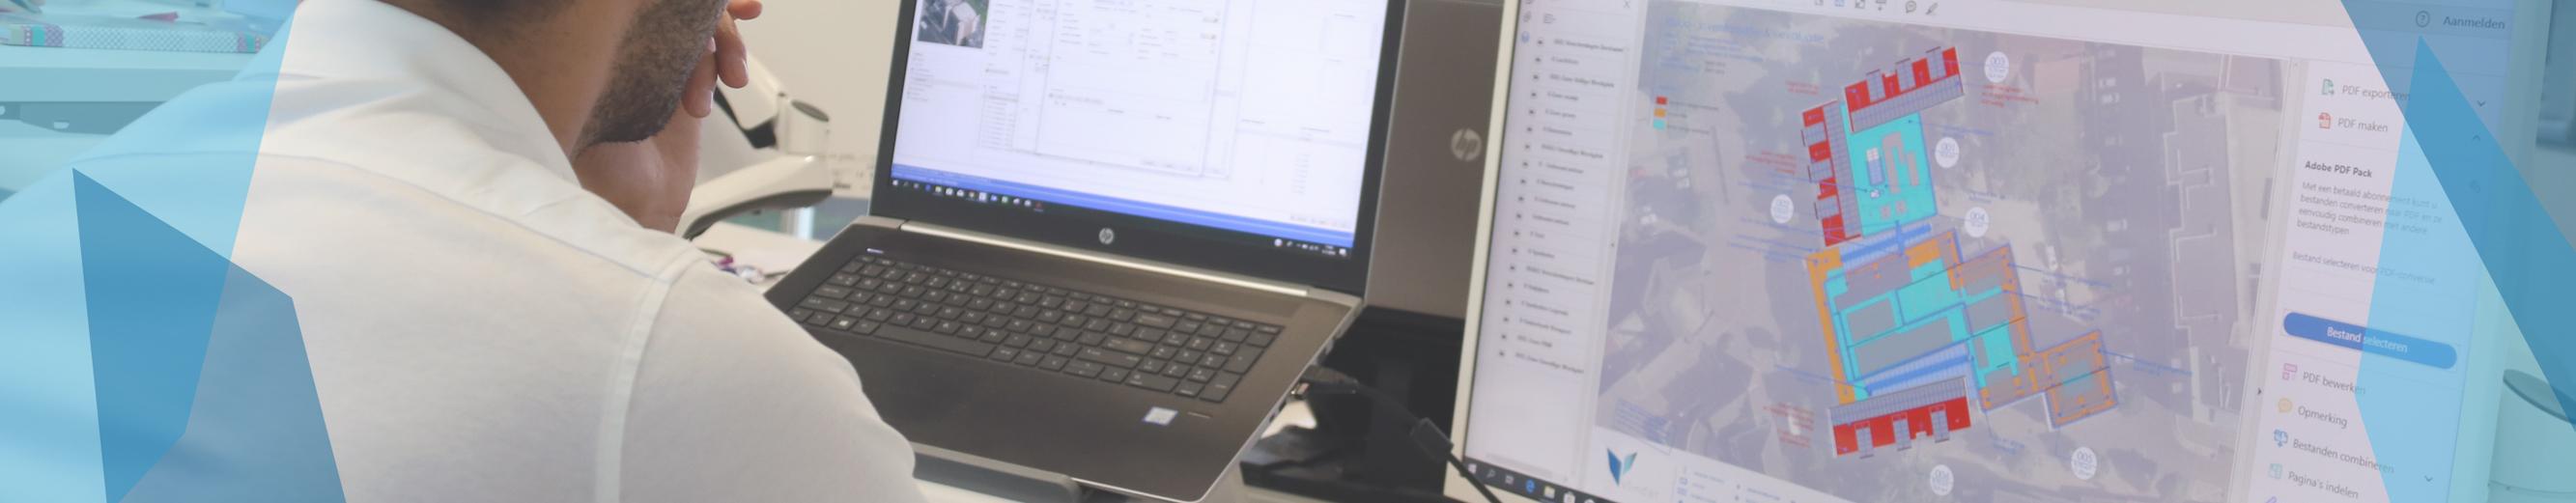 Veilig-werken-op-hoogte-dak-Ri&E-risico-inventarisatie-en-evaluatie-dakplattegrond-Vlindar